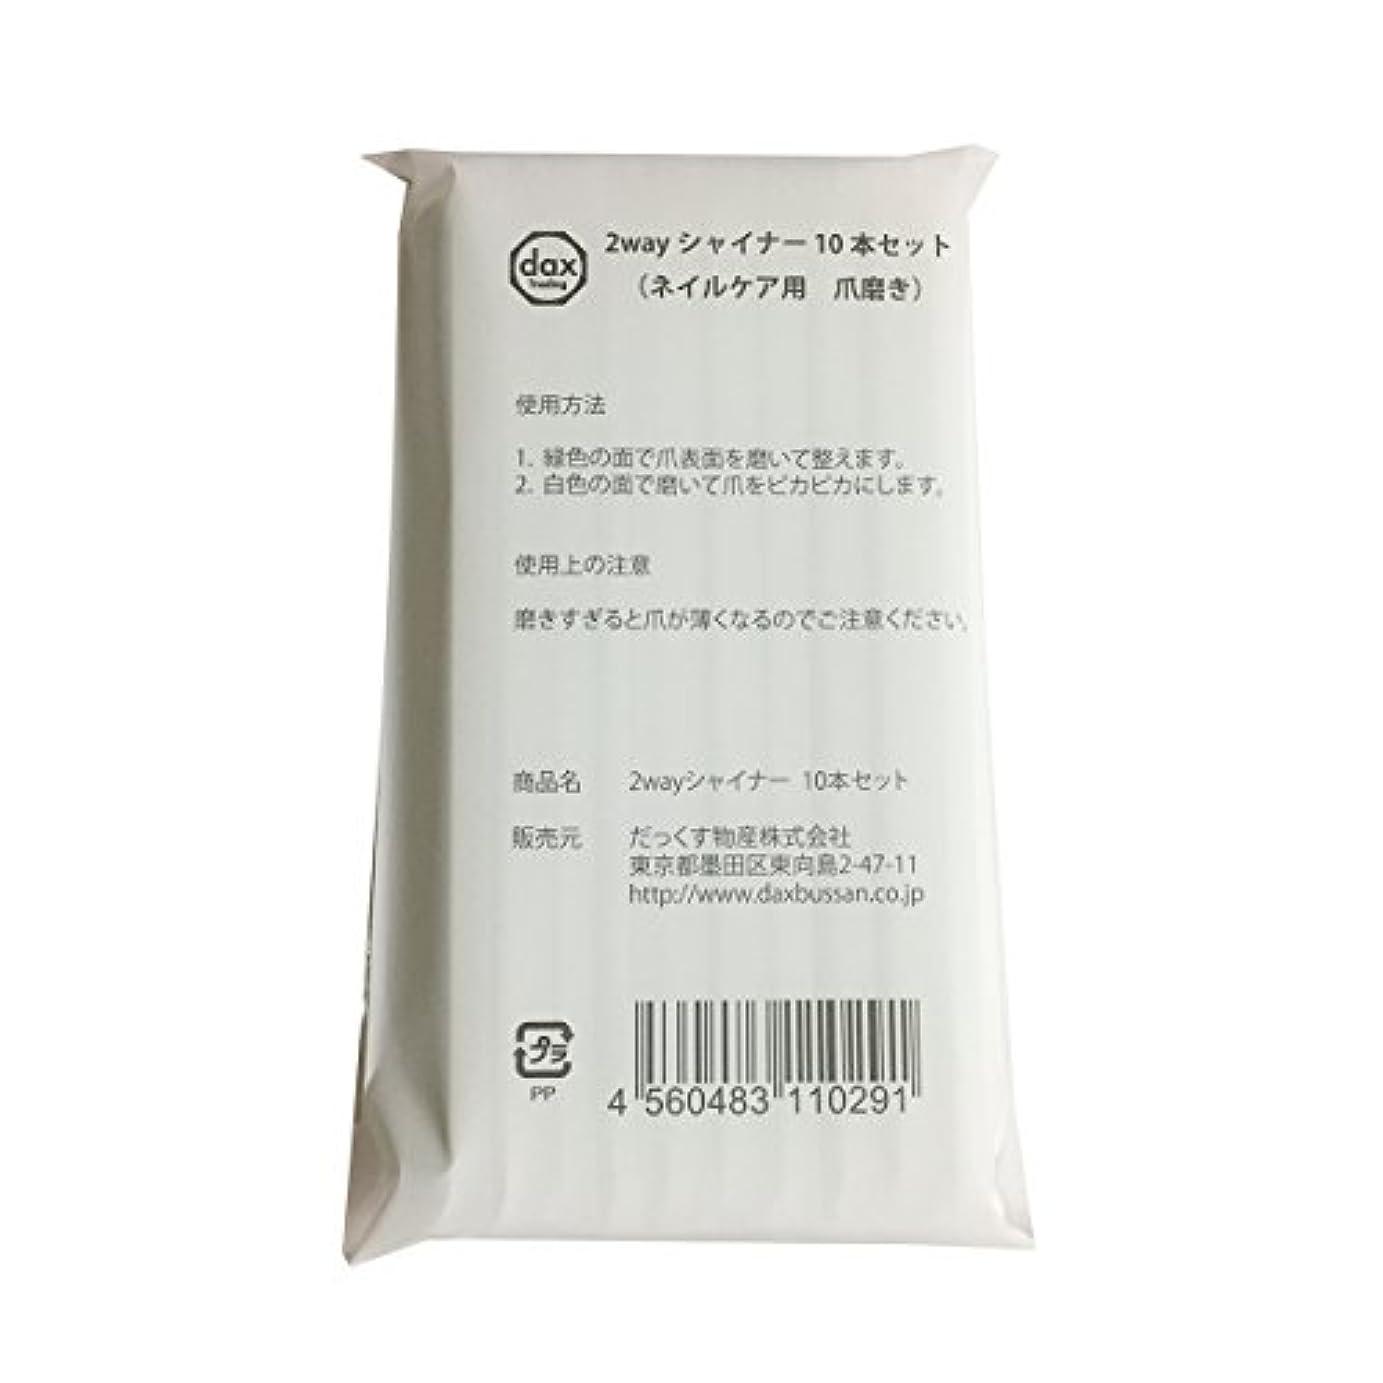 割り当て神聖穀物【だっくす物産】2wayシャイナー 10本セット (ネイルケア用 爪磨き)